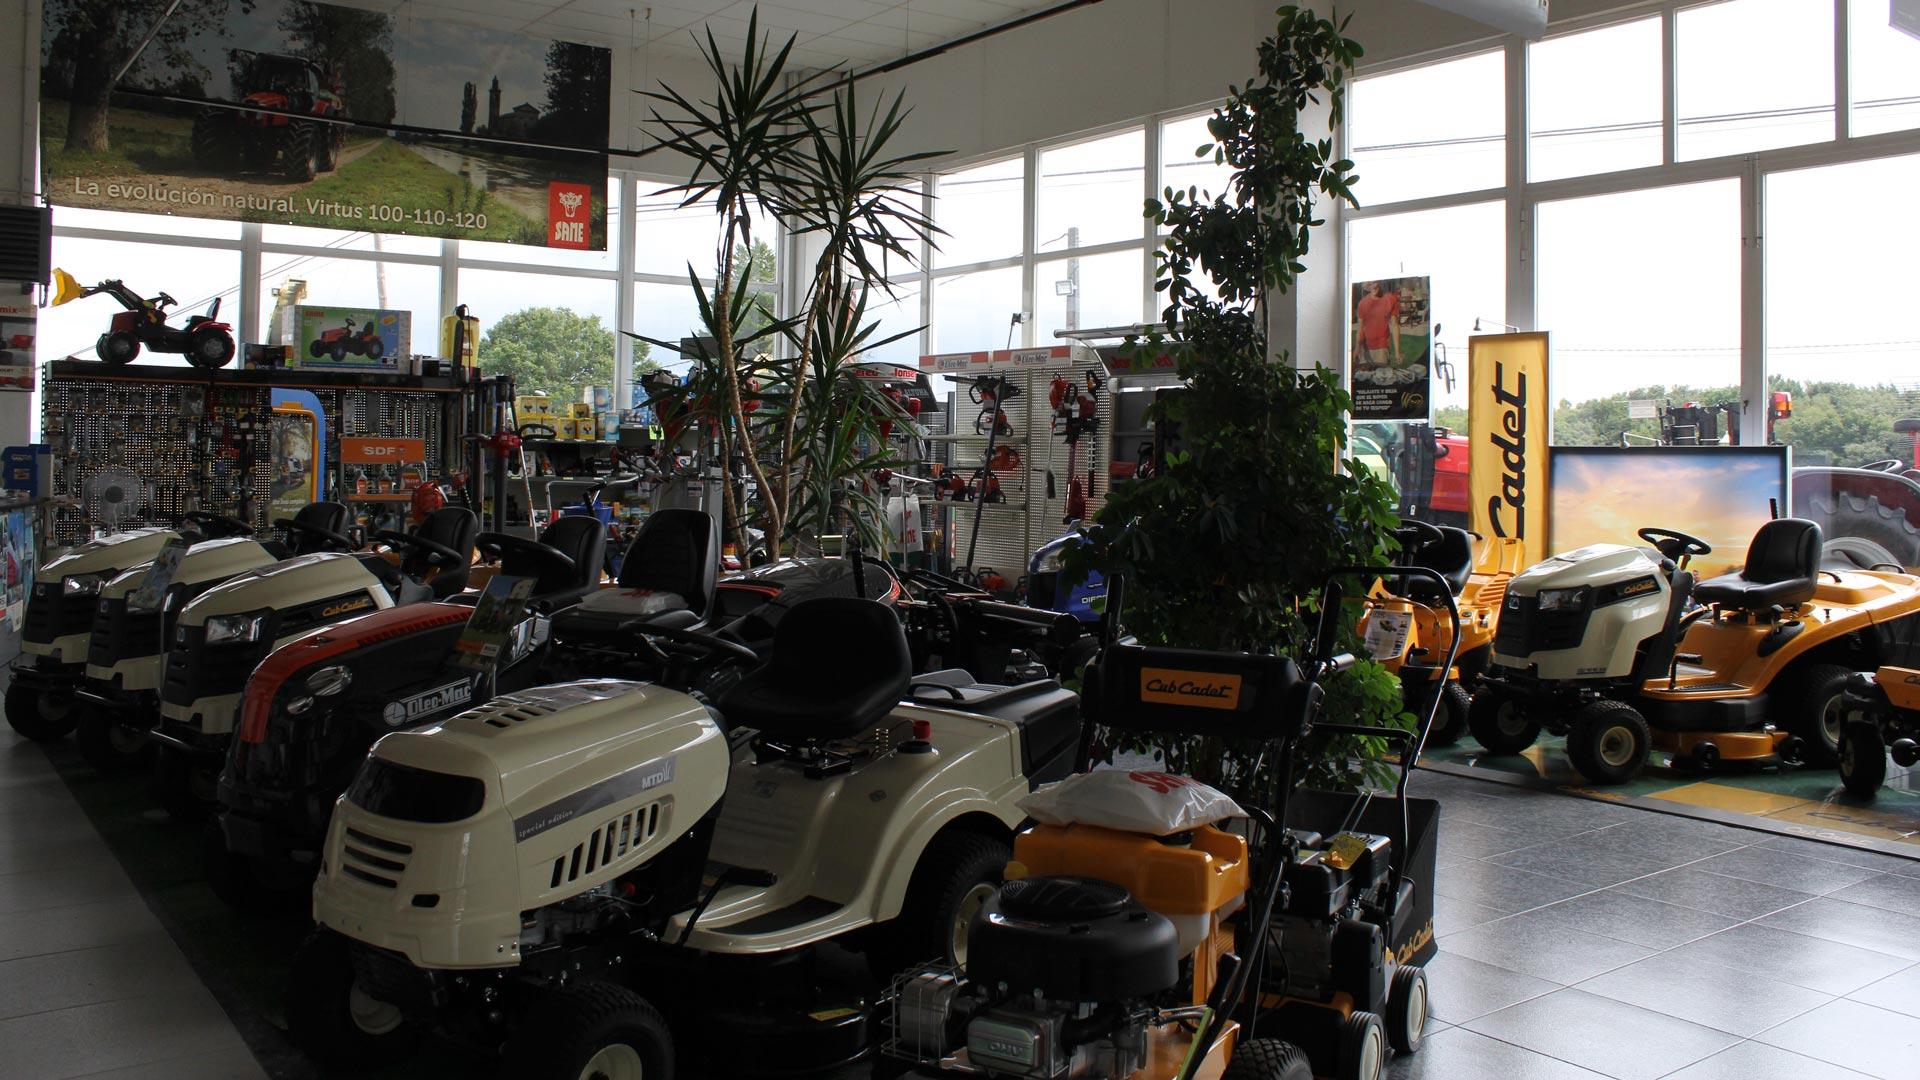 Maquinaria agrícola Millares Torrón en Lugo